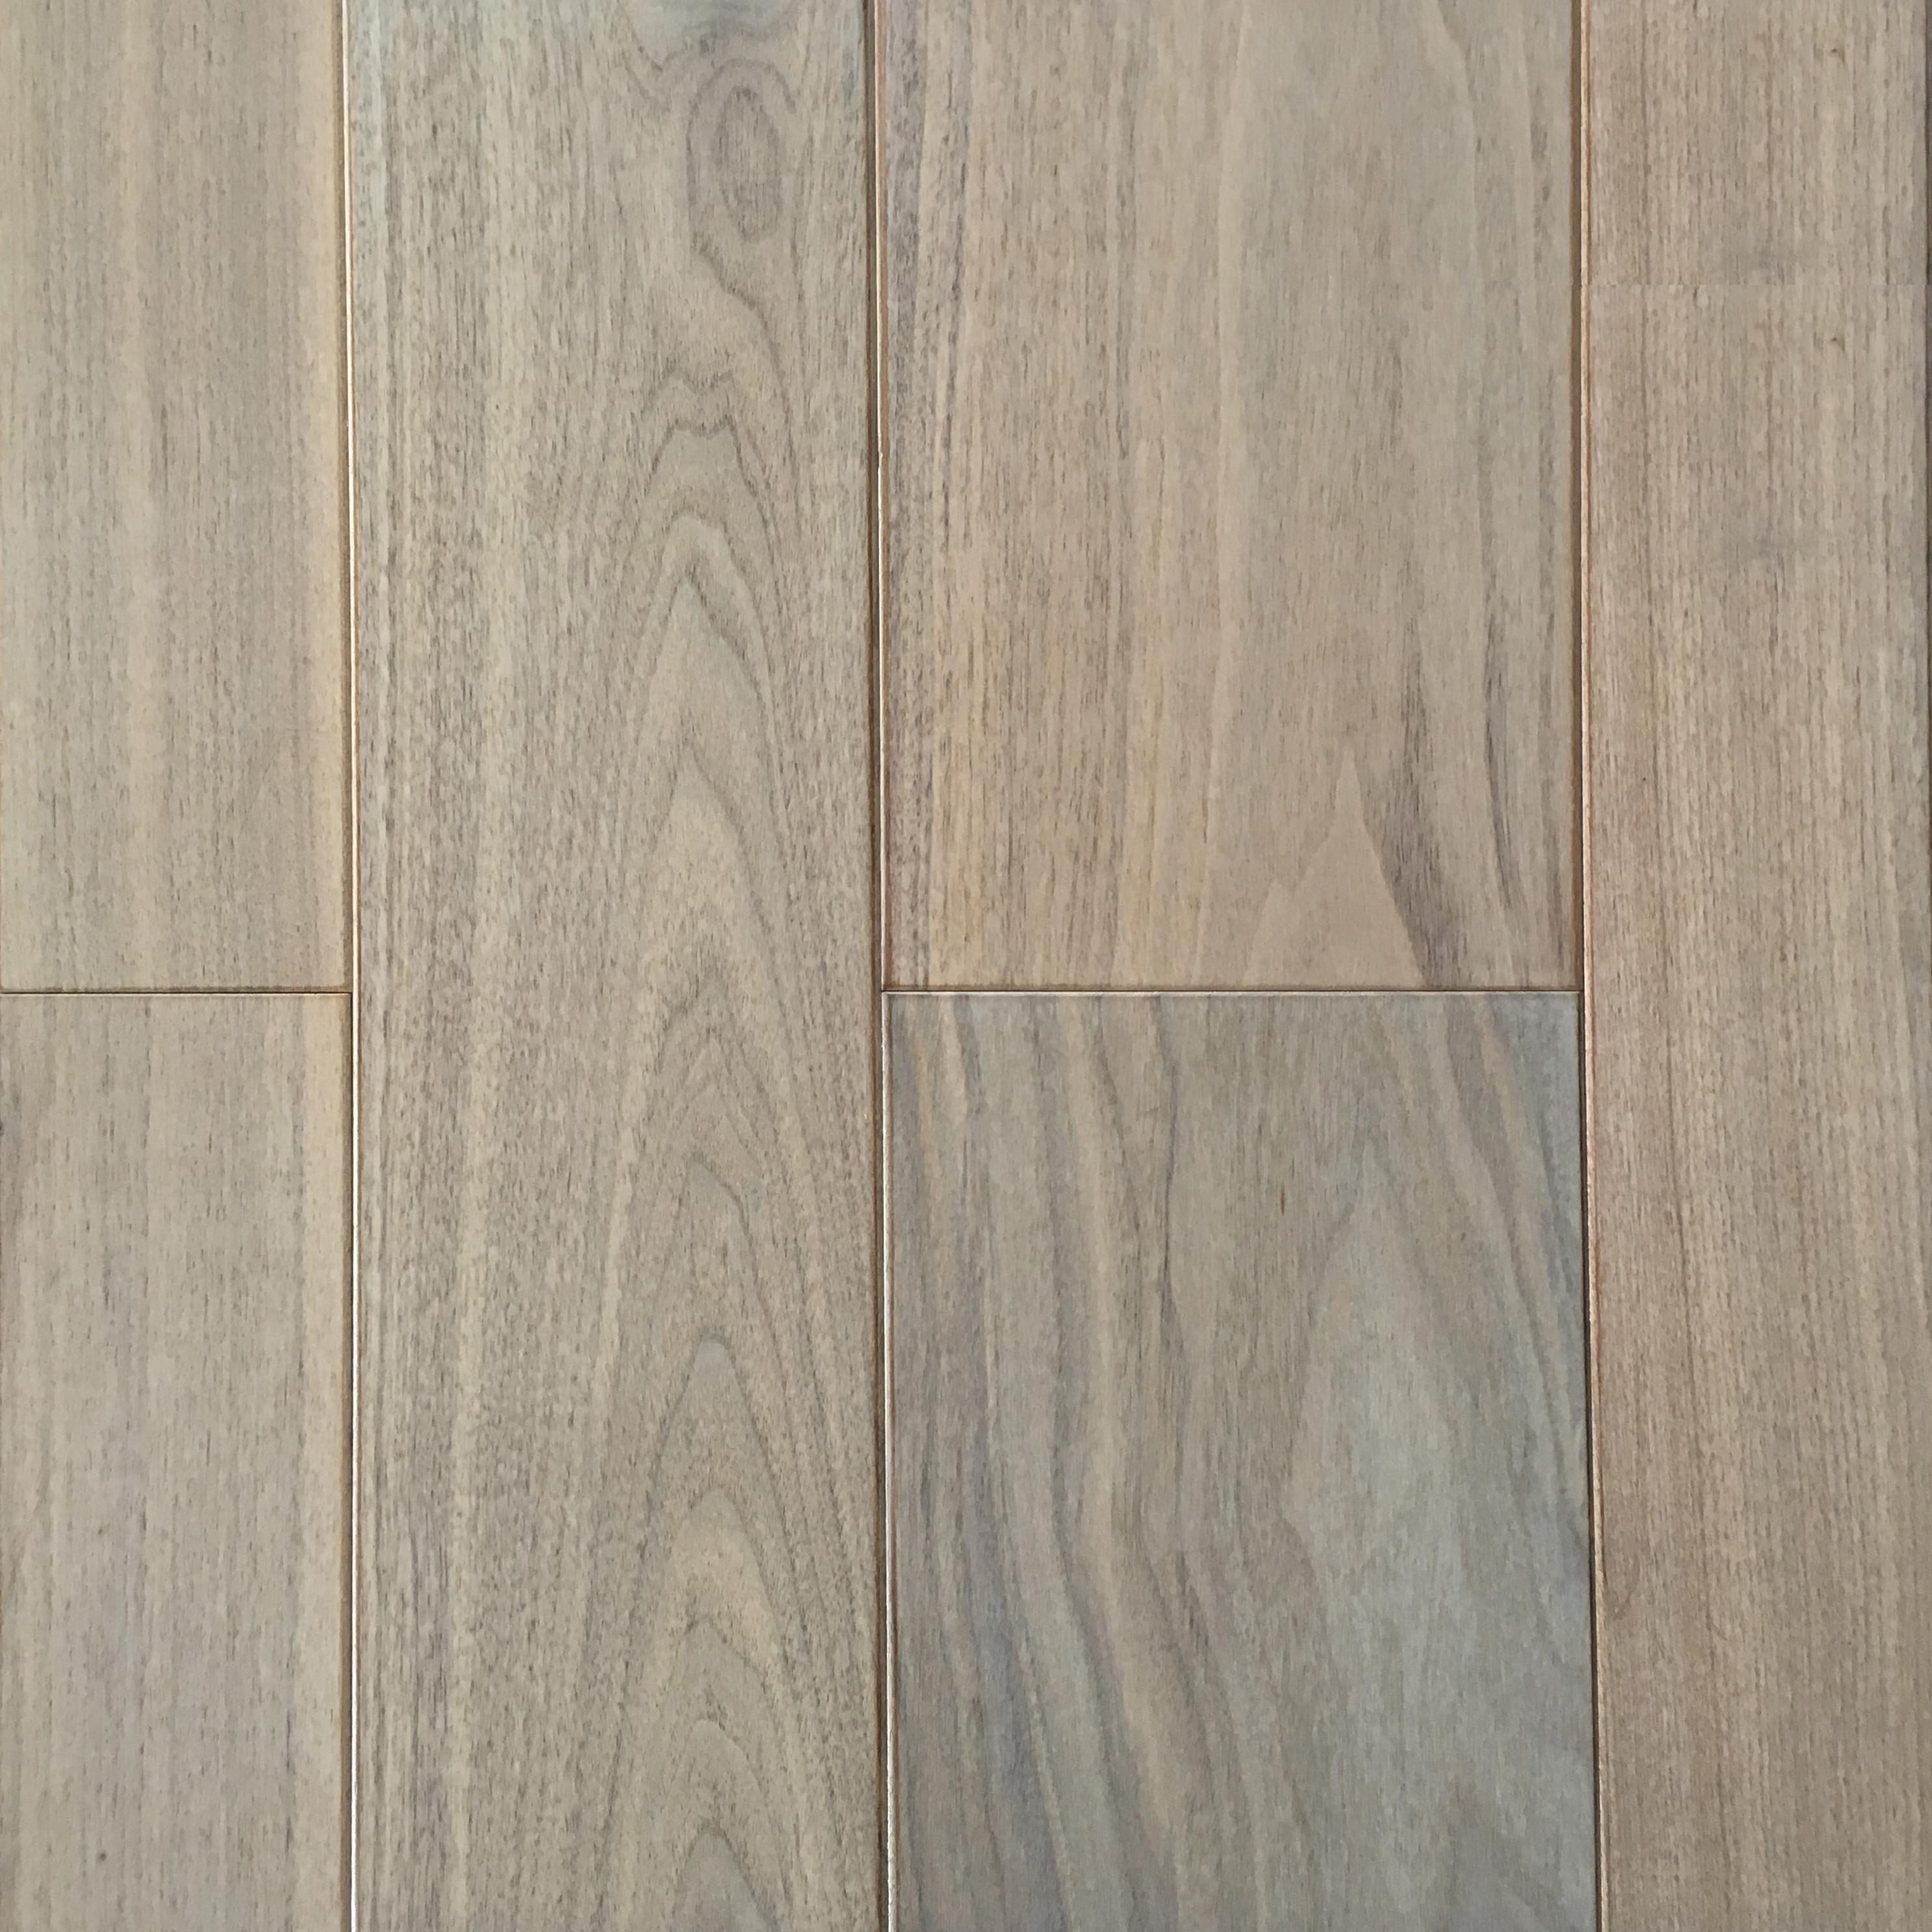 mazama smooth acacia hardwood flooring of brazilian cherry hardwood floor care bruce brazilian cherry in 1 engineered 6 walnut wear layer 2mm bw 4682 sedona river